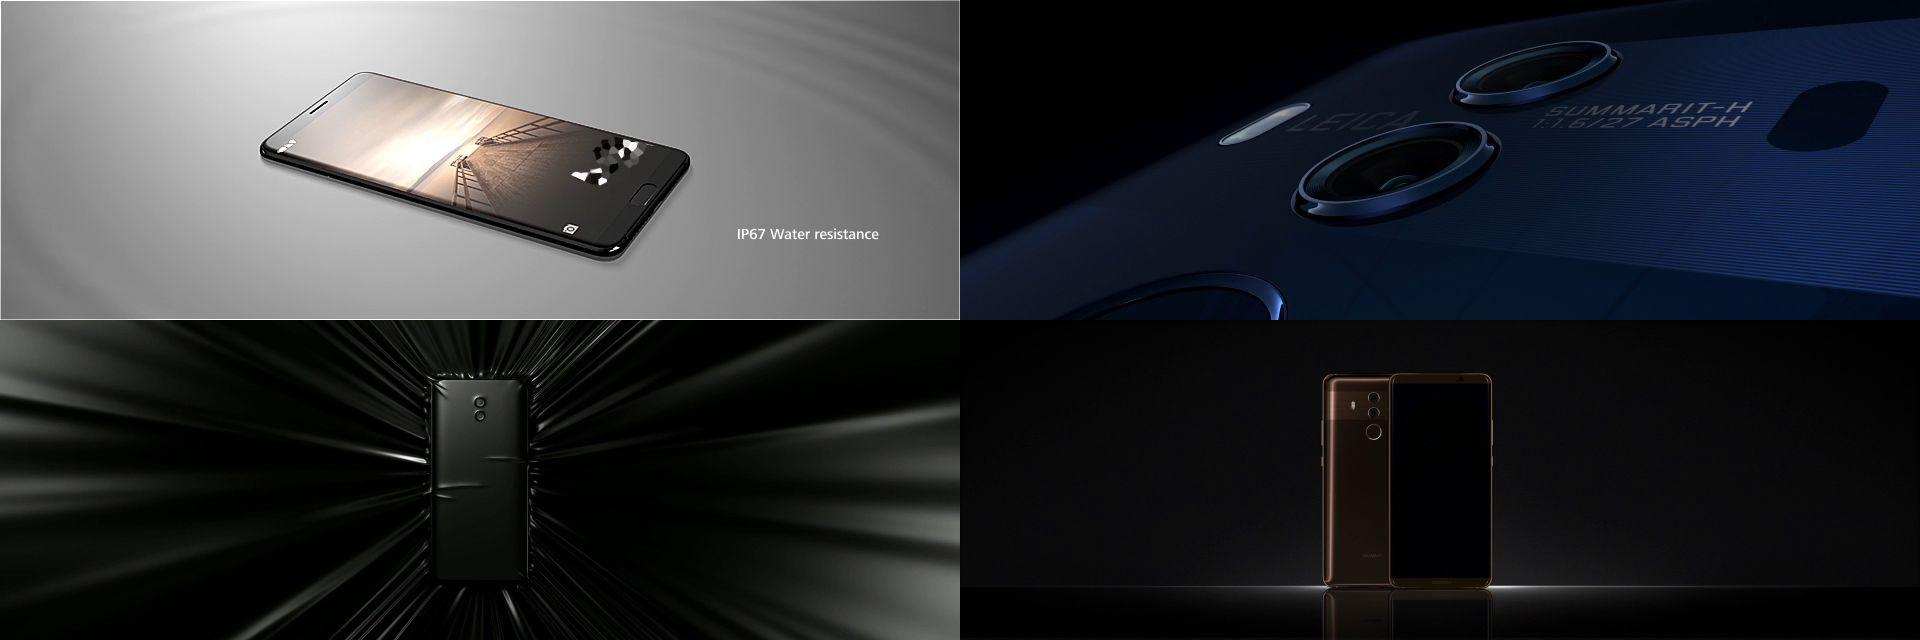 Tabletowo.pl Wyciekły kluczowe informacje na temat Huawei Mate 10 i Mate 10 Pro. Sporo tego Android Huawei Plotki / Przecieki Smartfony